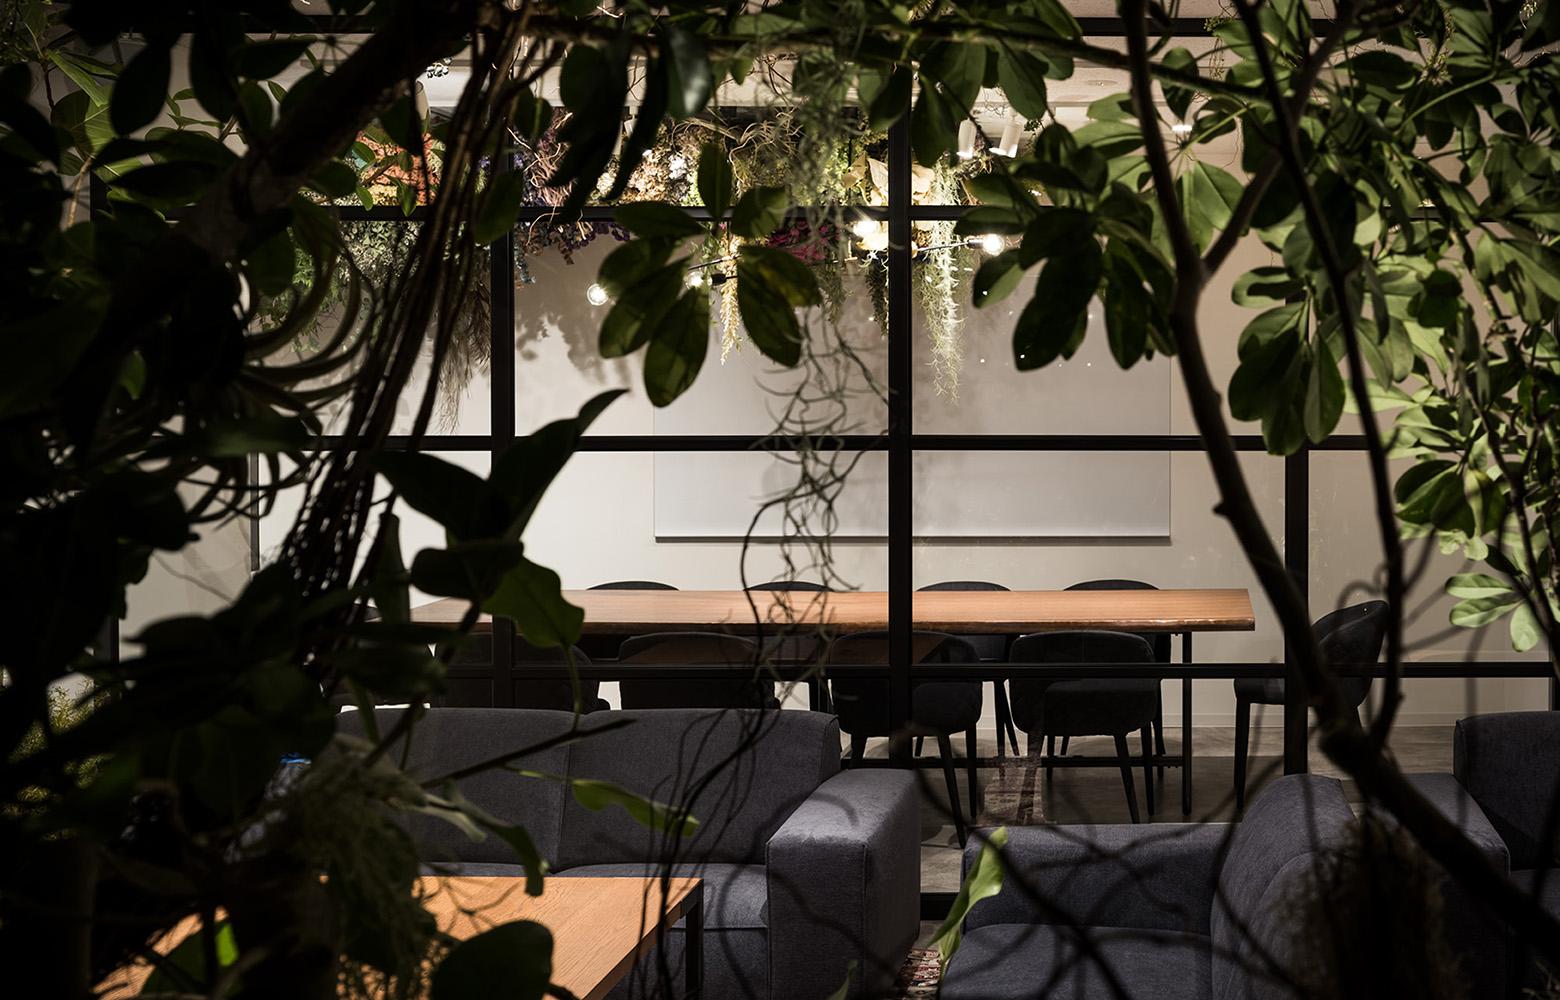 株式会社Avirity Information Meeting Room デザイン・レイアウト事例